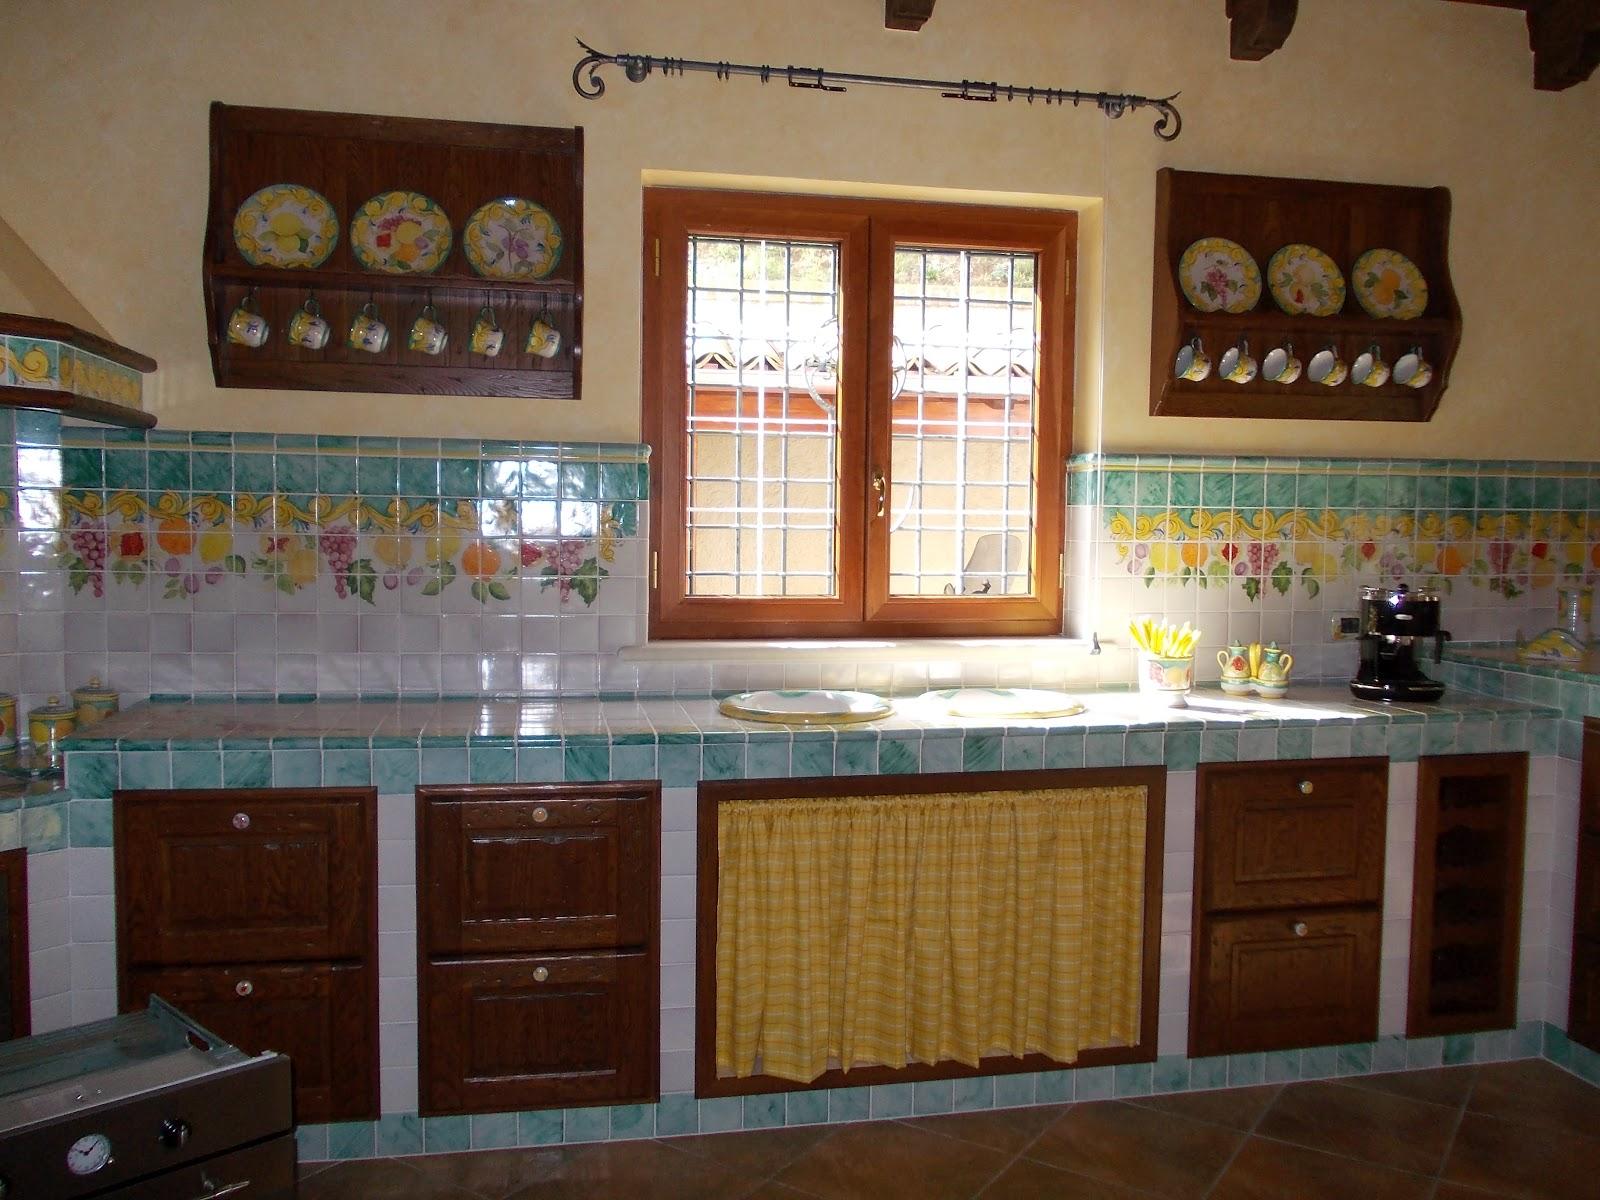 Cucine In Muratura Moderne Prezzi.Librerie In Stile Video Cucine In Muratura Mobili Cucina